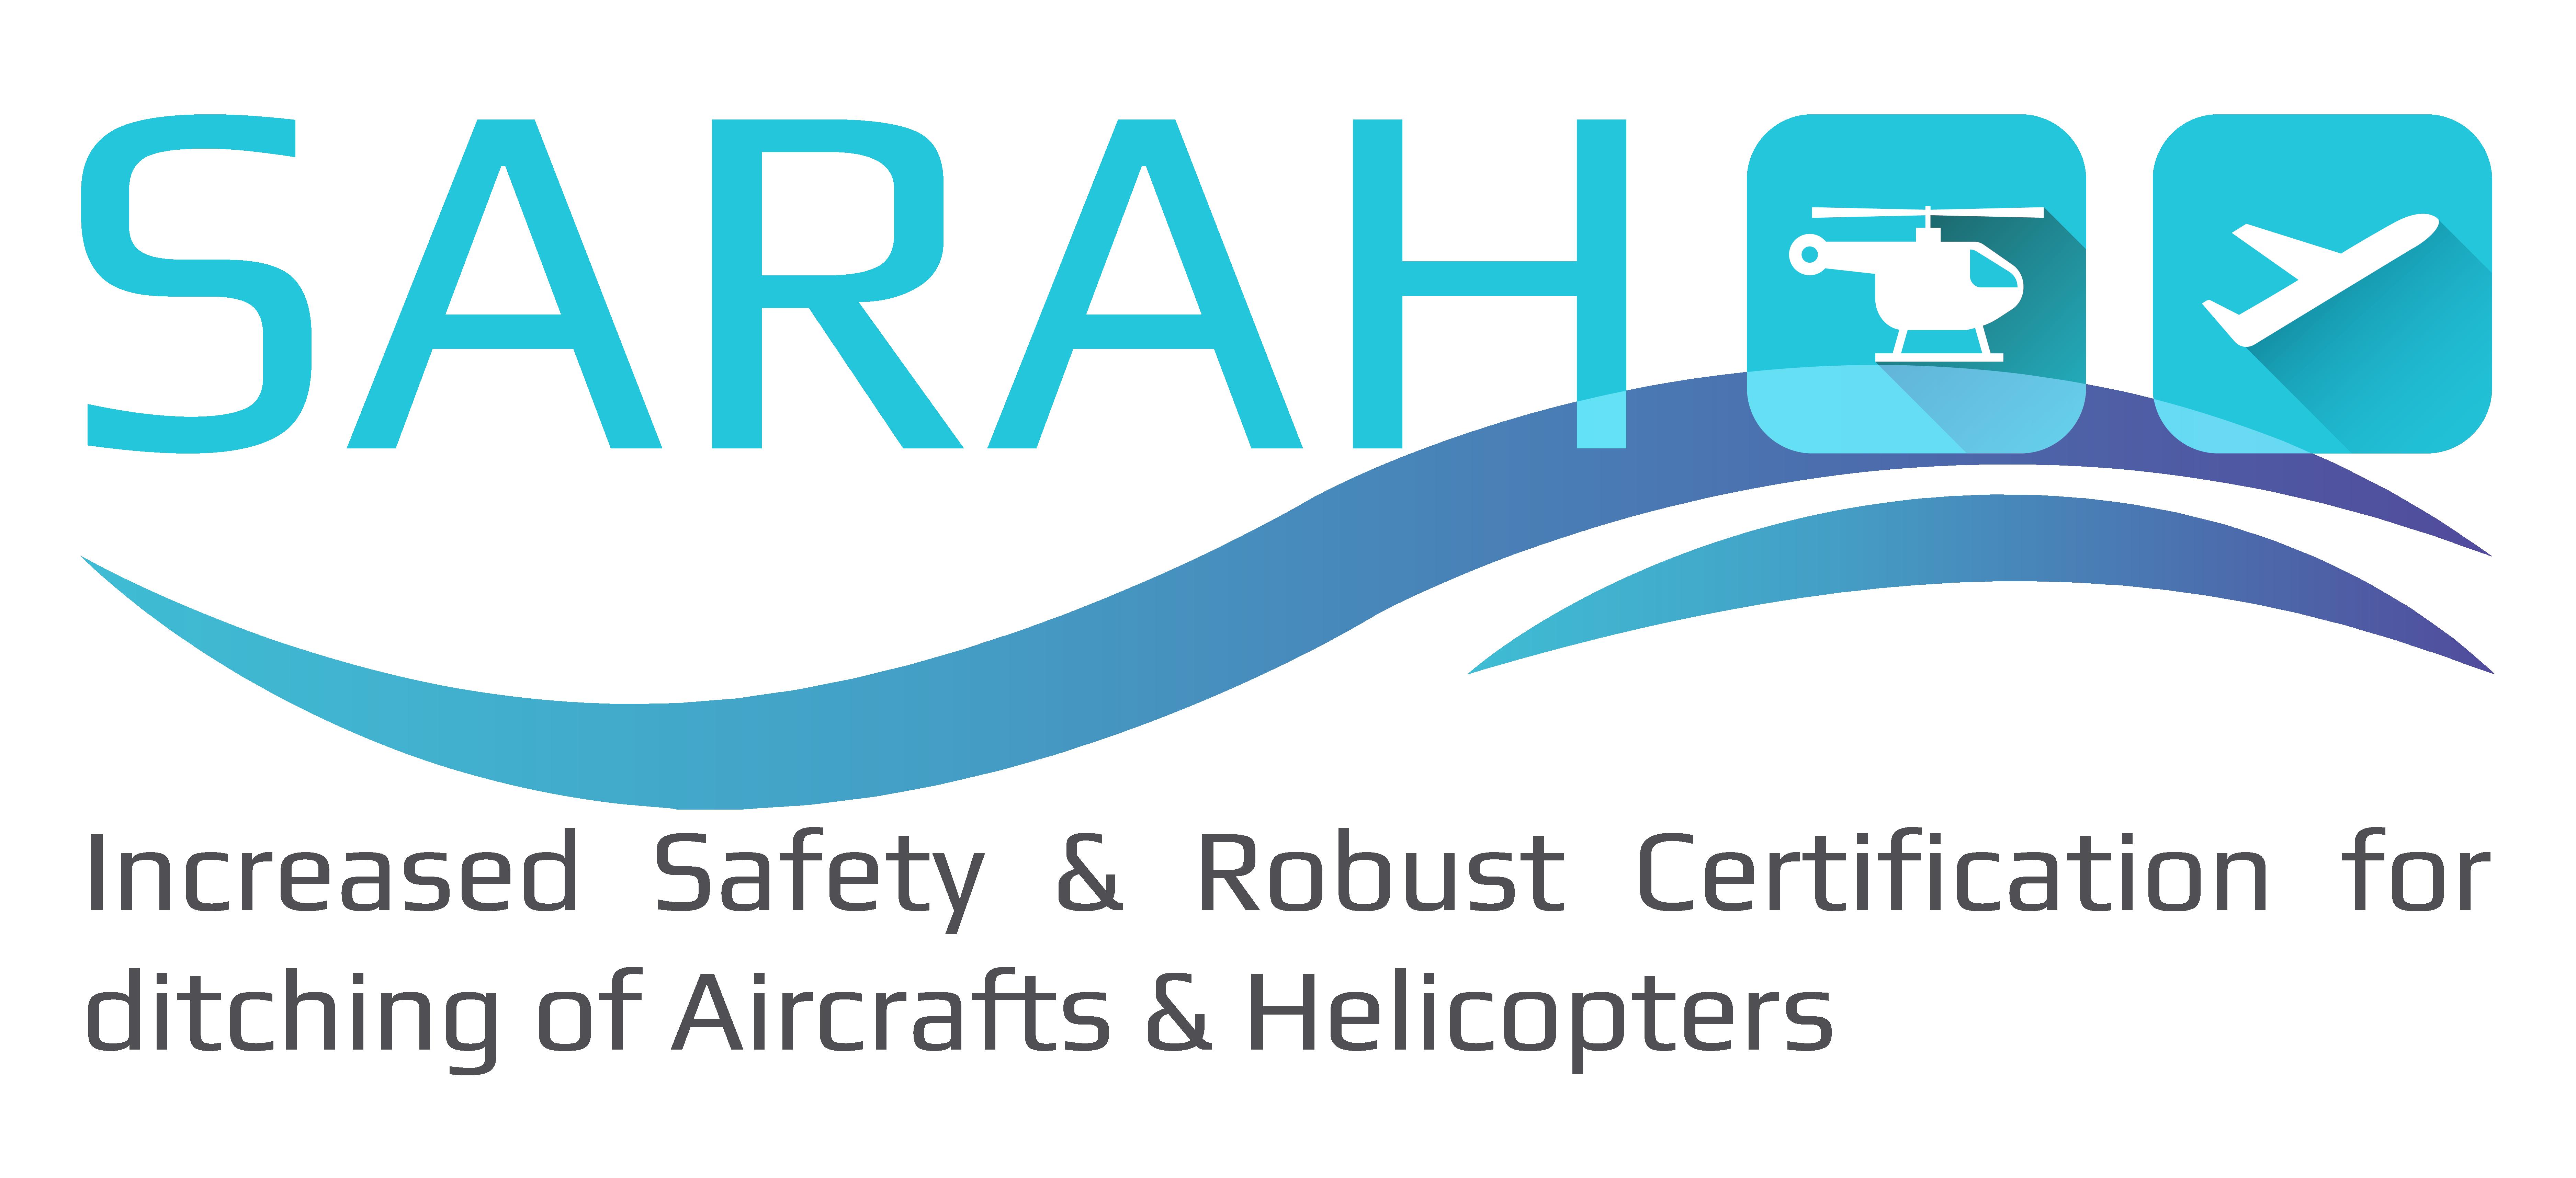 SARAH Project